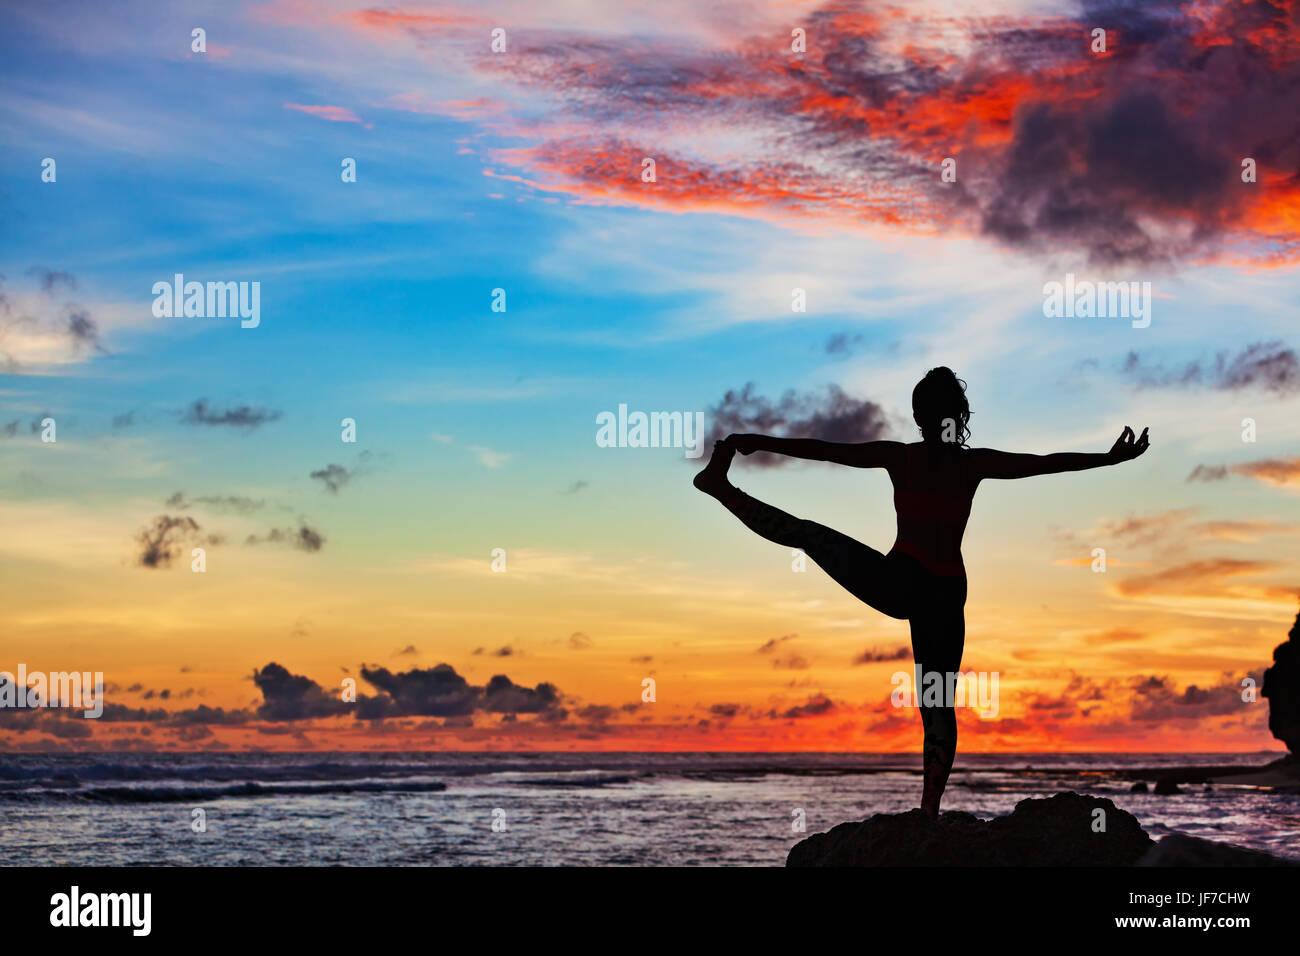 Sunset silhouette di meditazione. Attiva supporto donna yoga in posa sulla spiaggia rock per mantenersi in forma Immagini Stock